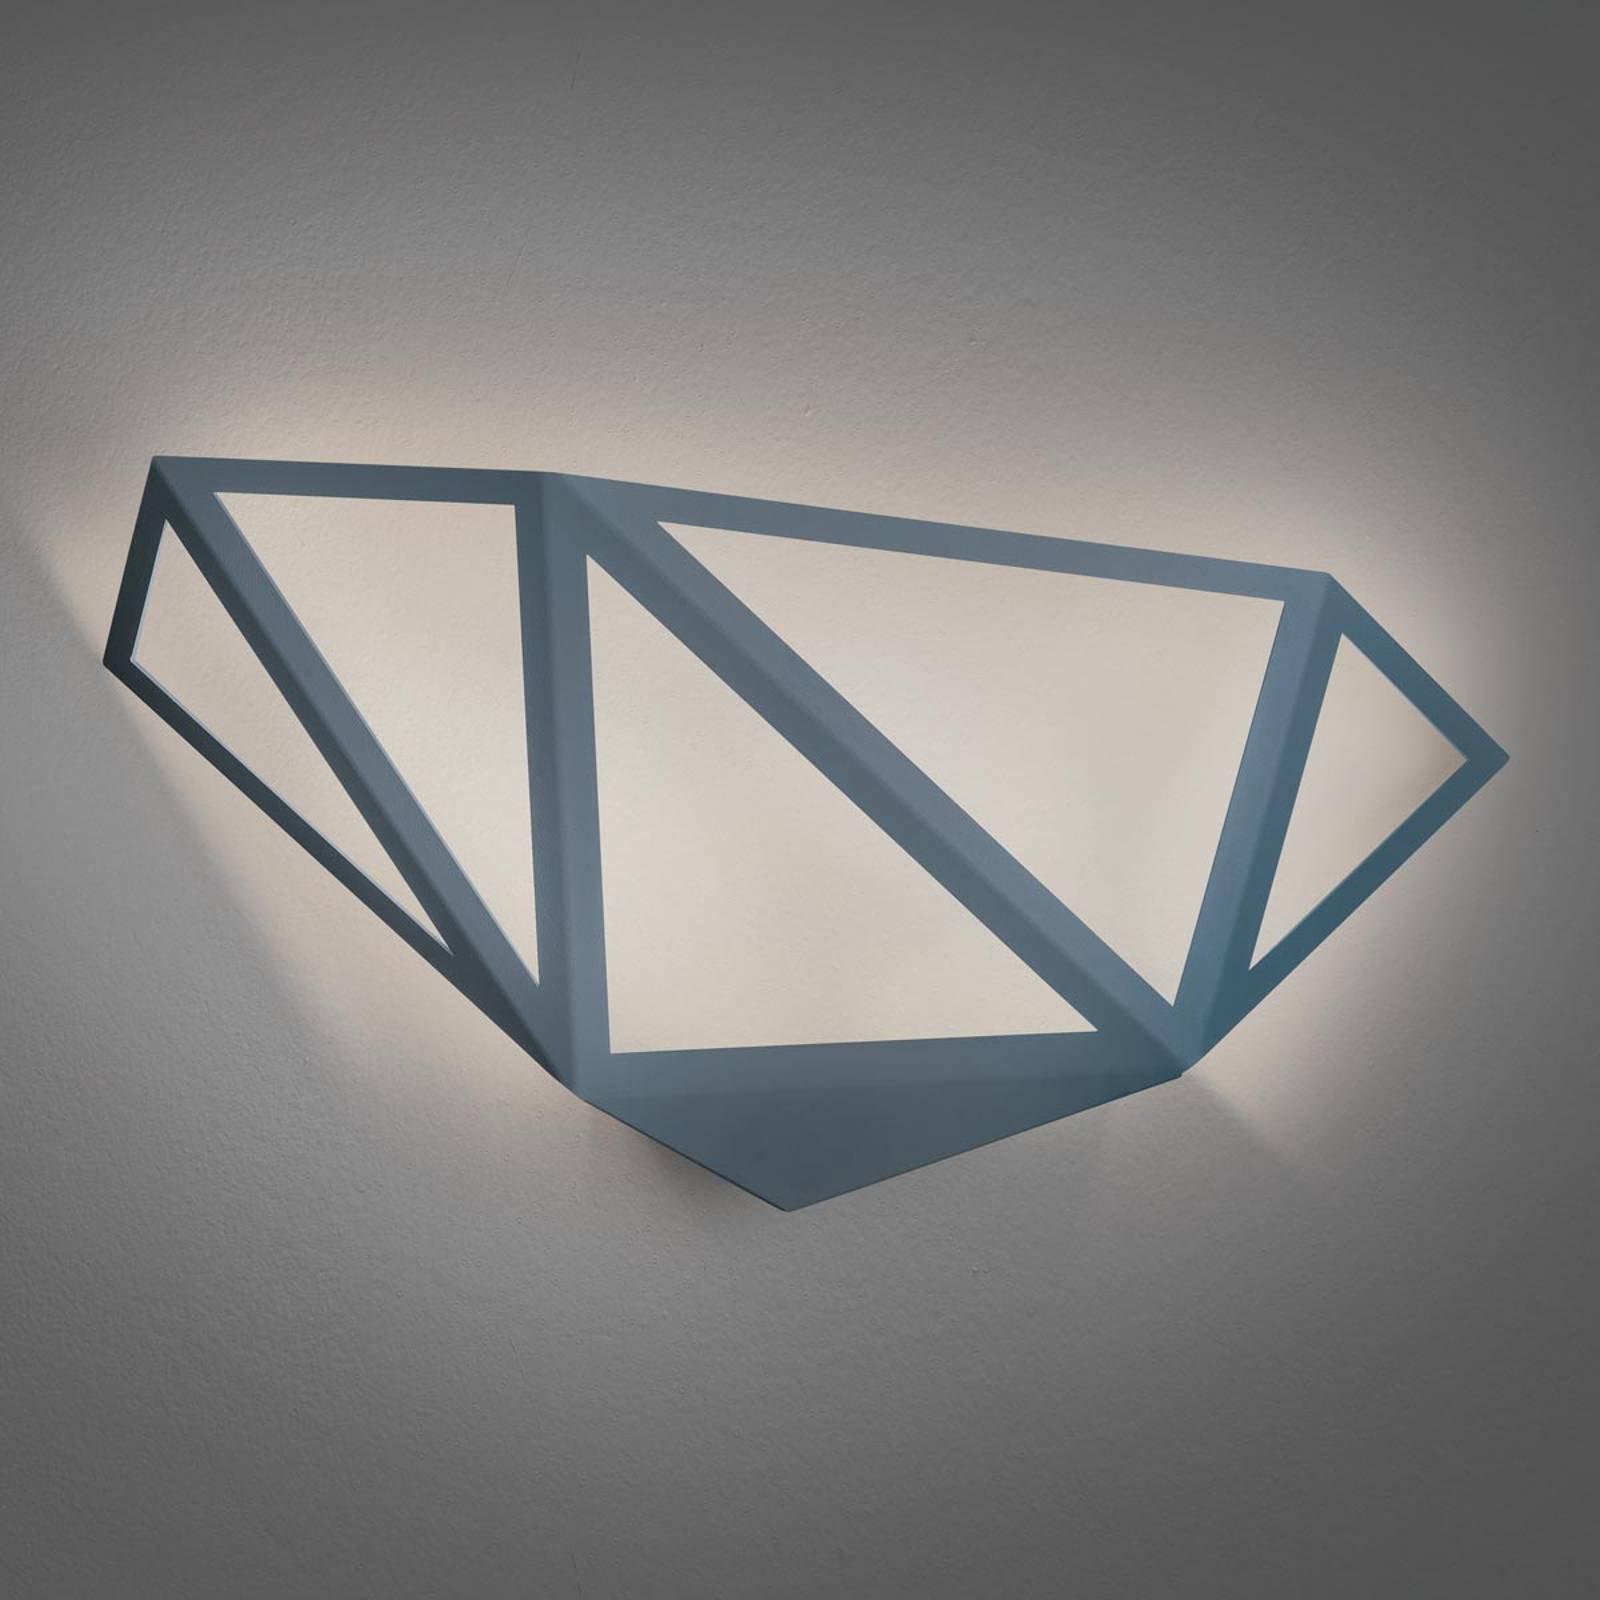 LED-vegglampe Starlight, grå